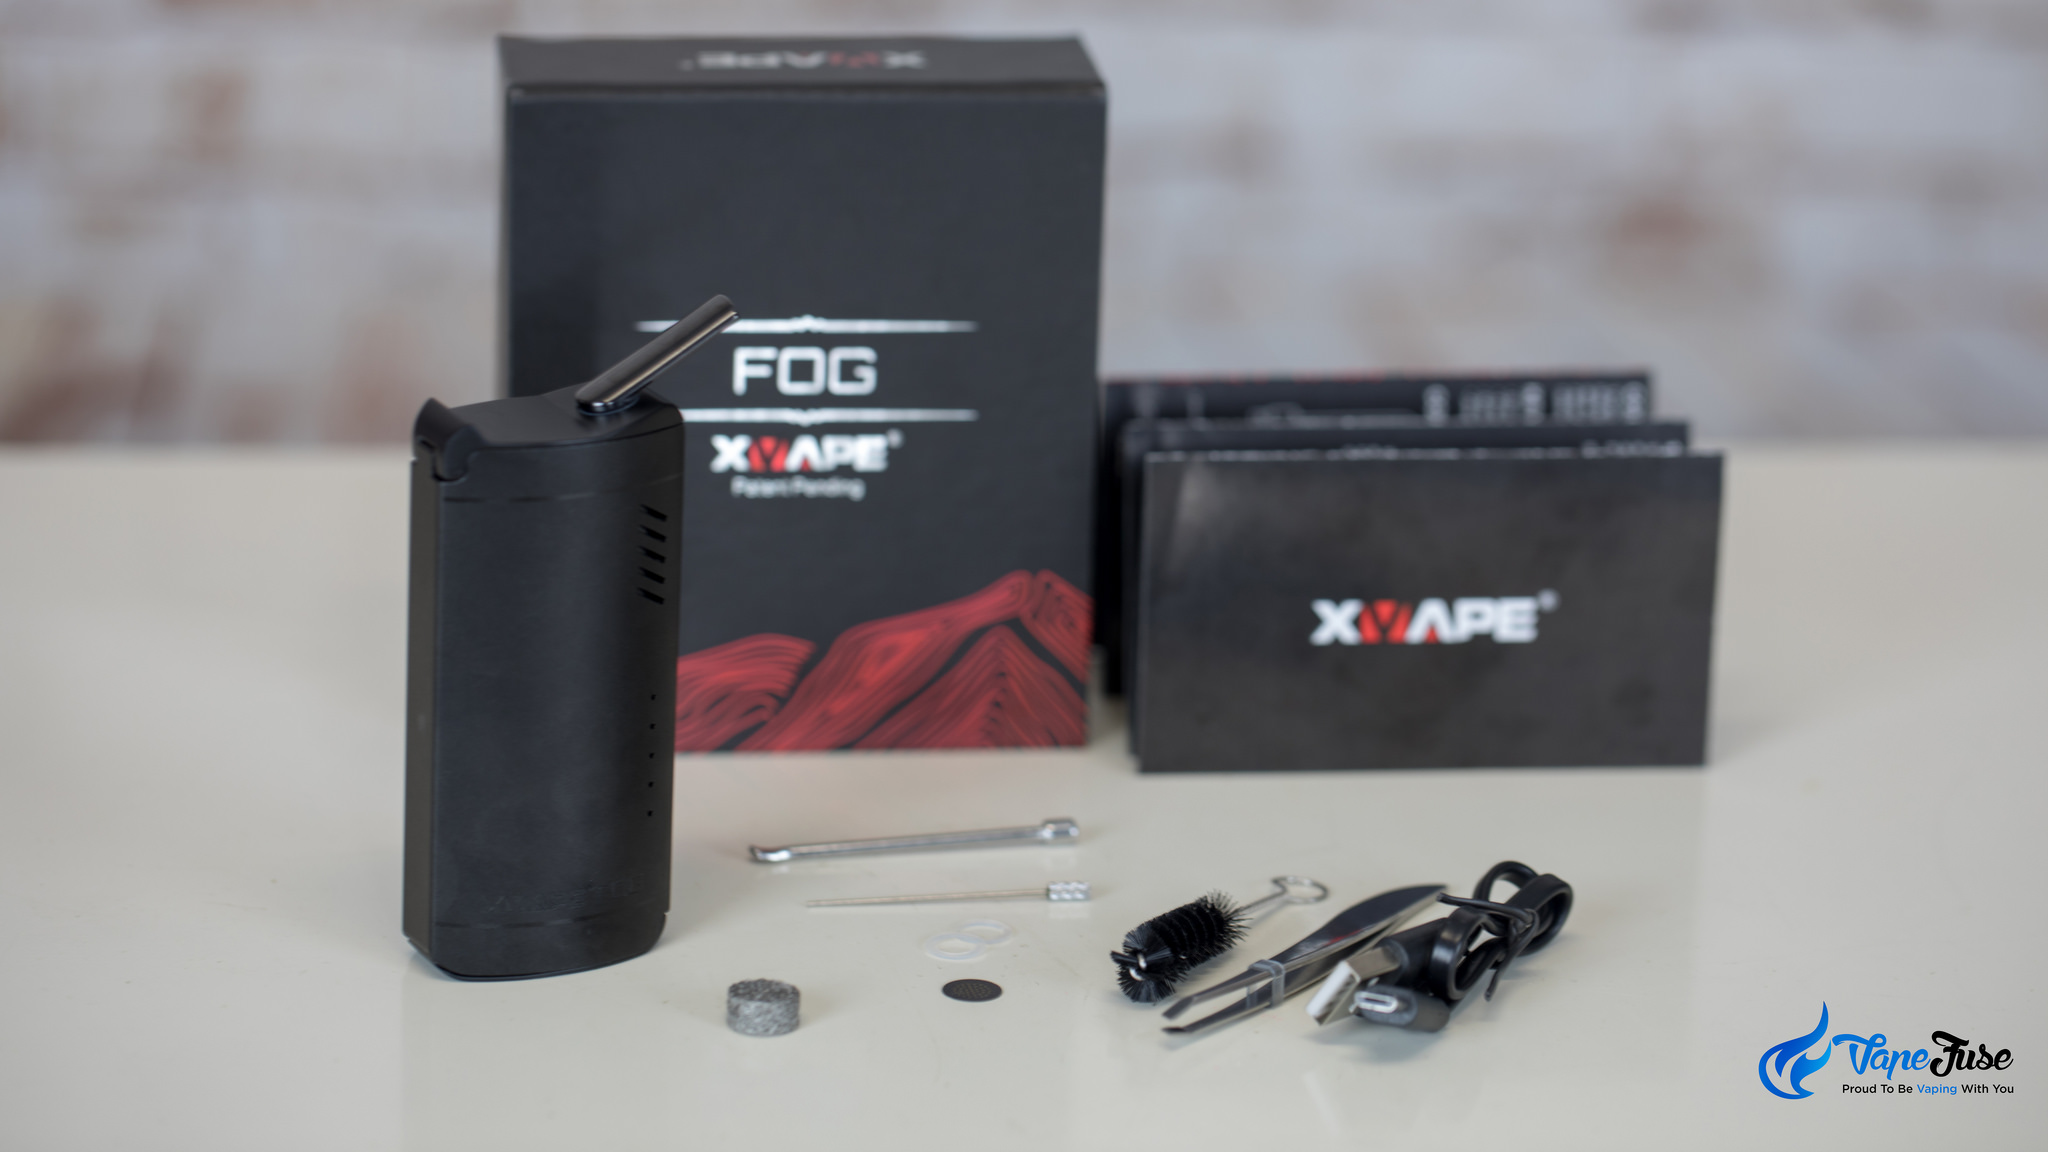 Xvape FOG full convection dry herb vaporizer